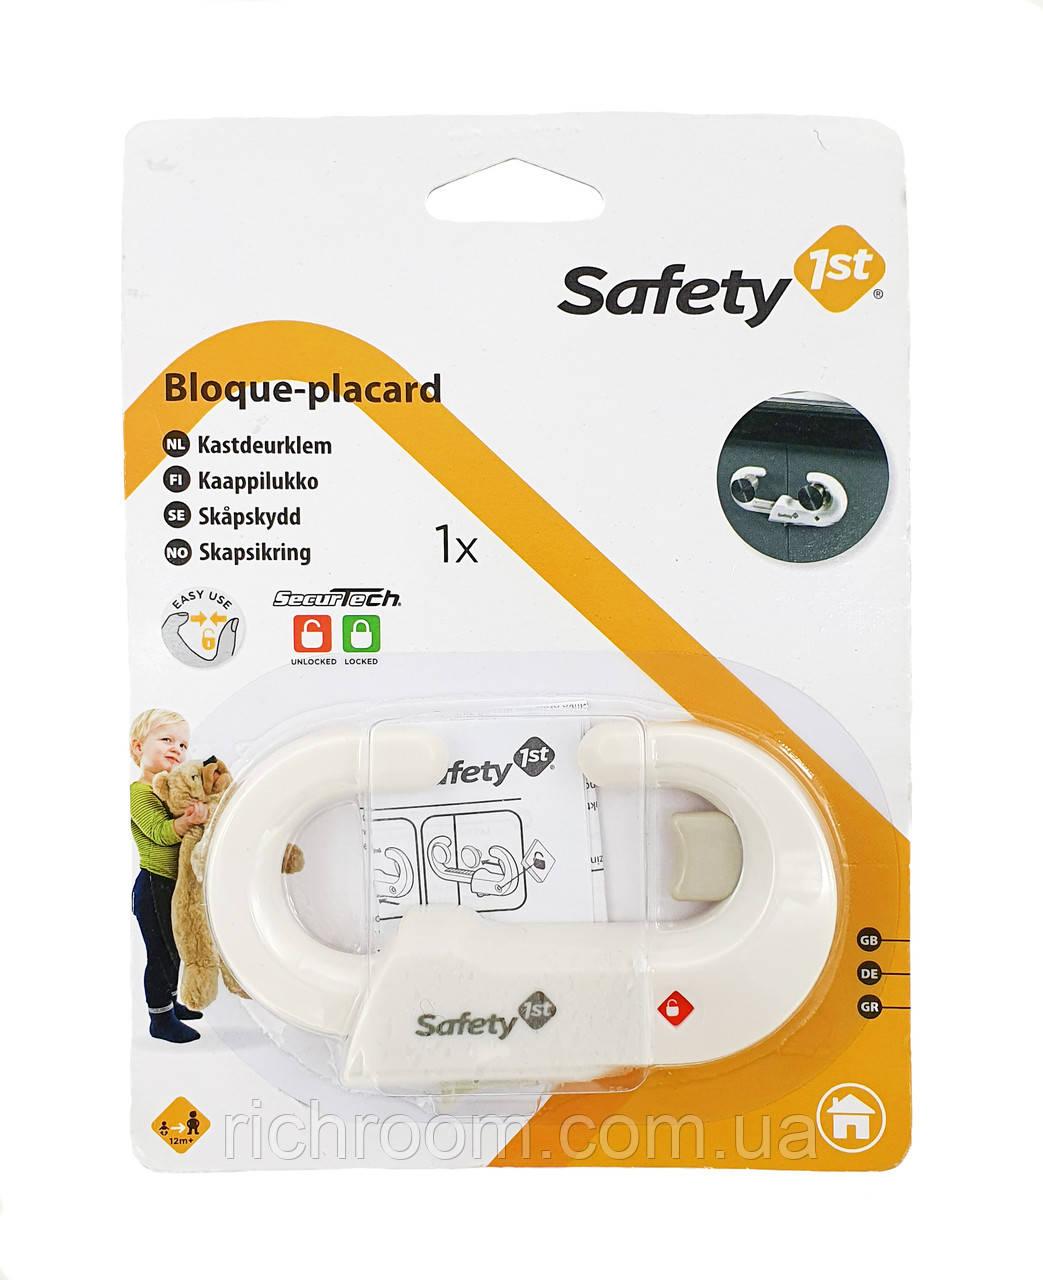 F1-00988, Замок блокиратор на мебель, двери Safety 1st, защита от детей